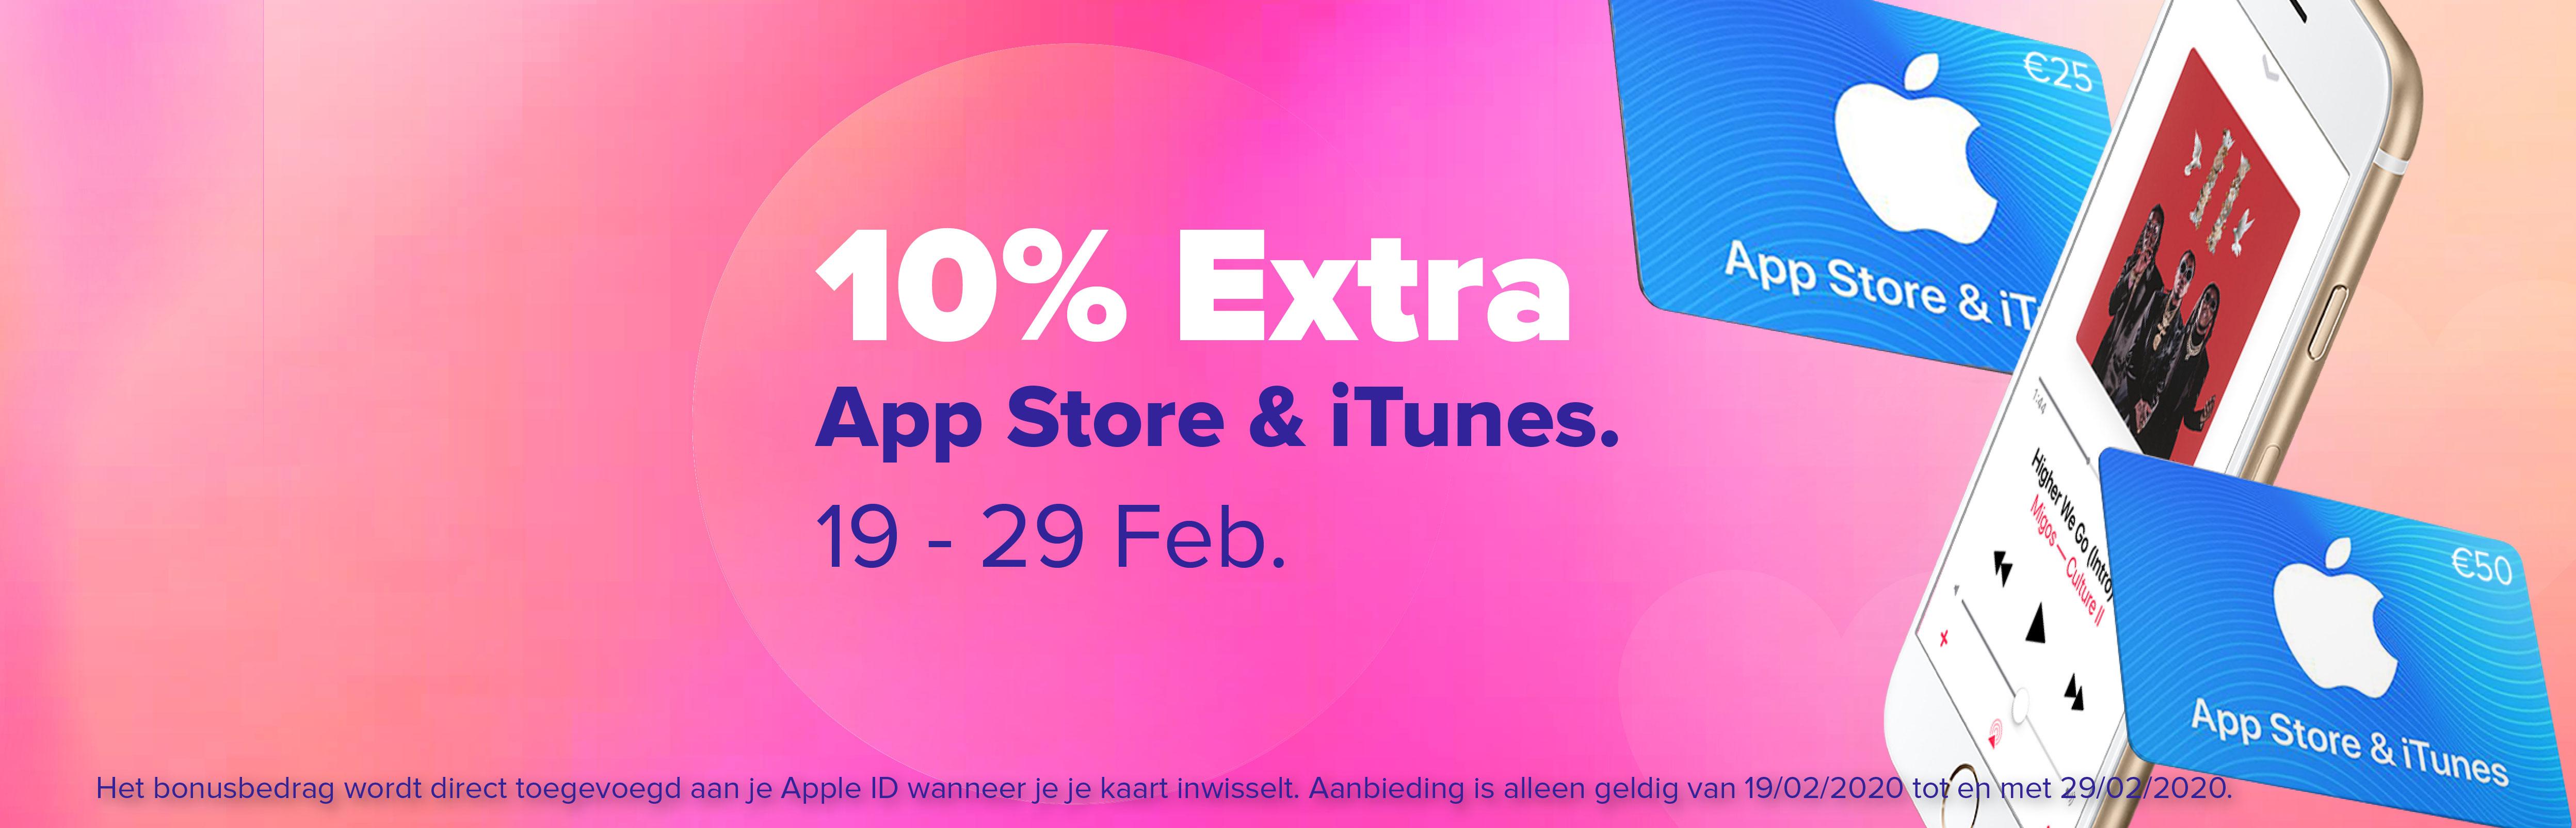 App Store & iTunes + 10% Extra